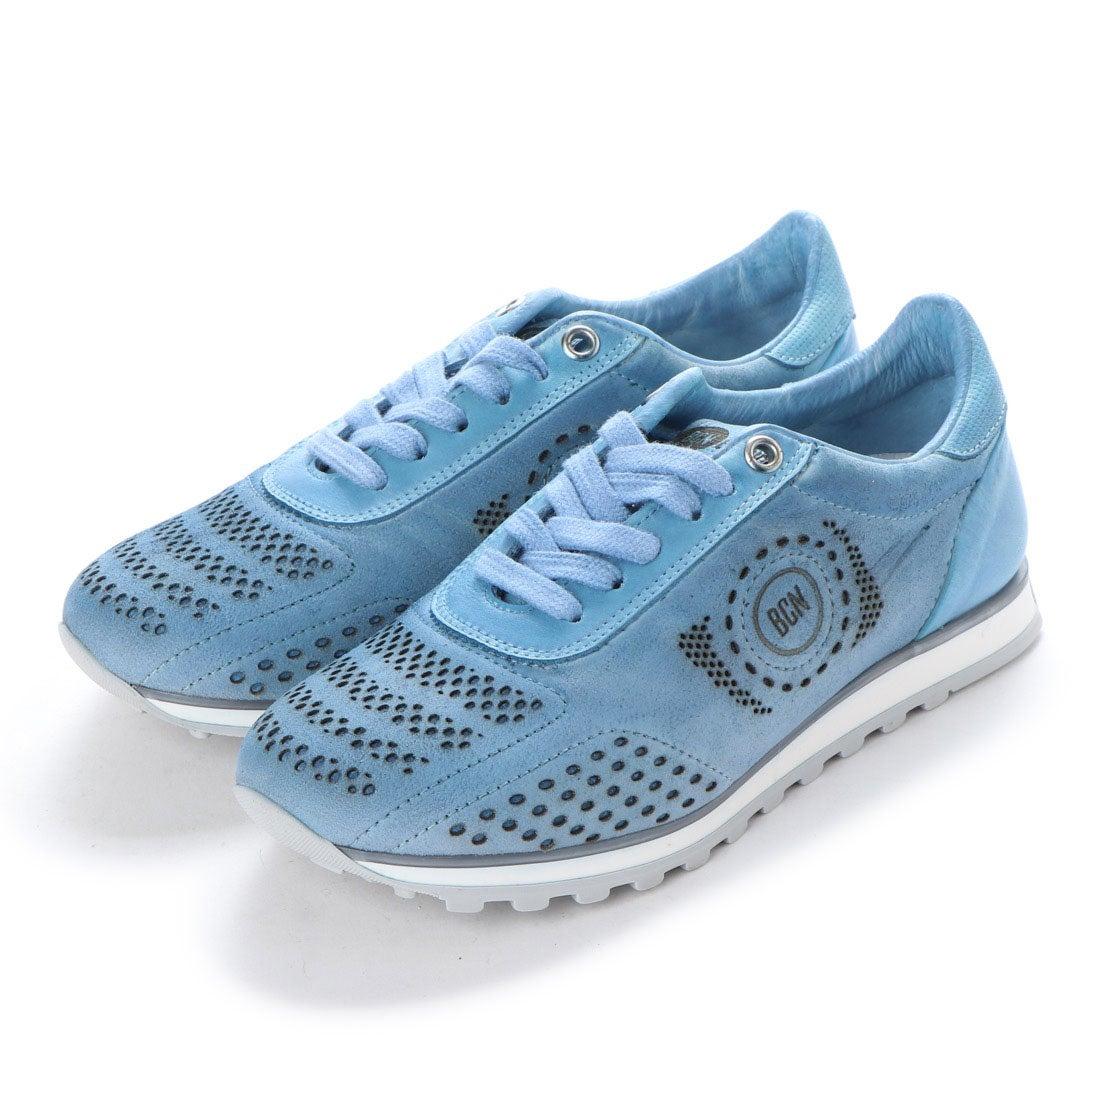 ヨーロッパコンフォートシューズ EU Comfort Shoes BCN スニーカー(B-1119) (スカイブルー)